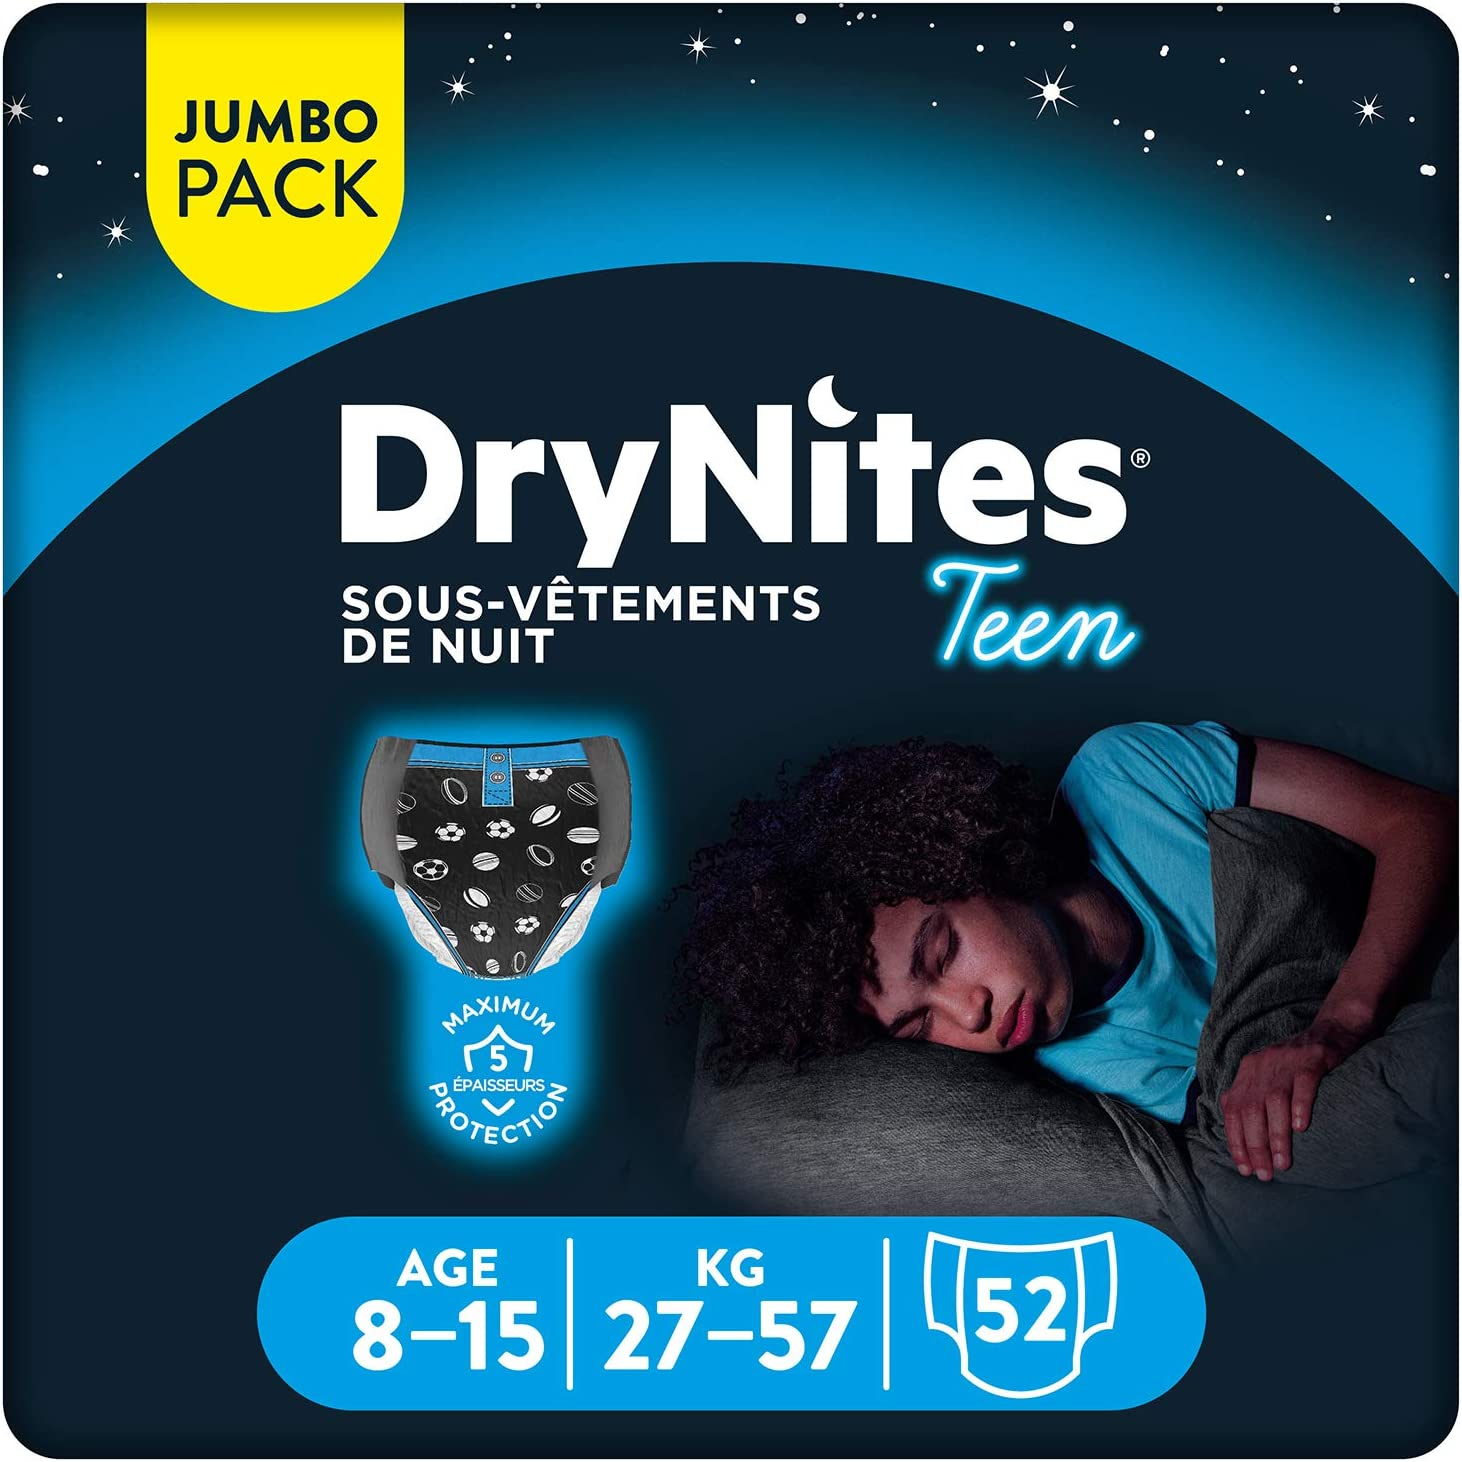 DryNites Ropa interior desechable de noche para ni/ñas